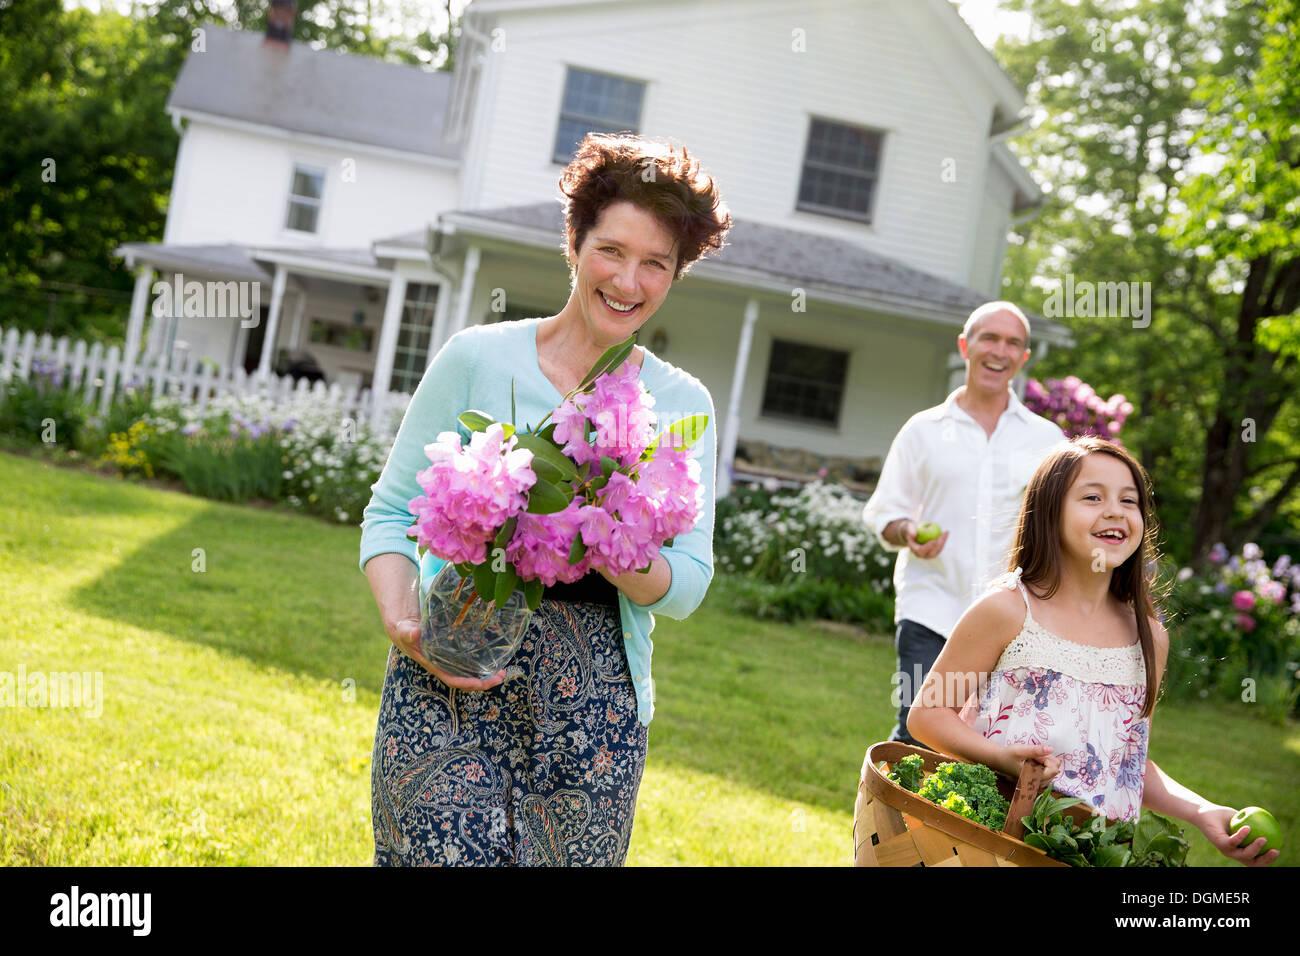 Partie de la famille. Les parents et les enfants à la réalisation des fleurs, fruits et légumes frais cueillis. La préparation pour une fête. Photo Stock